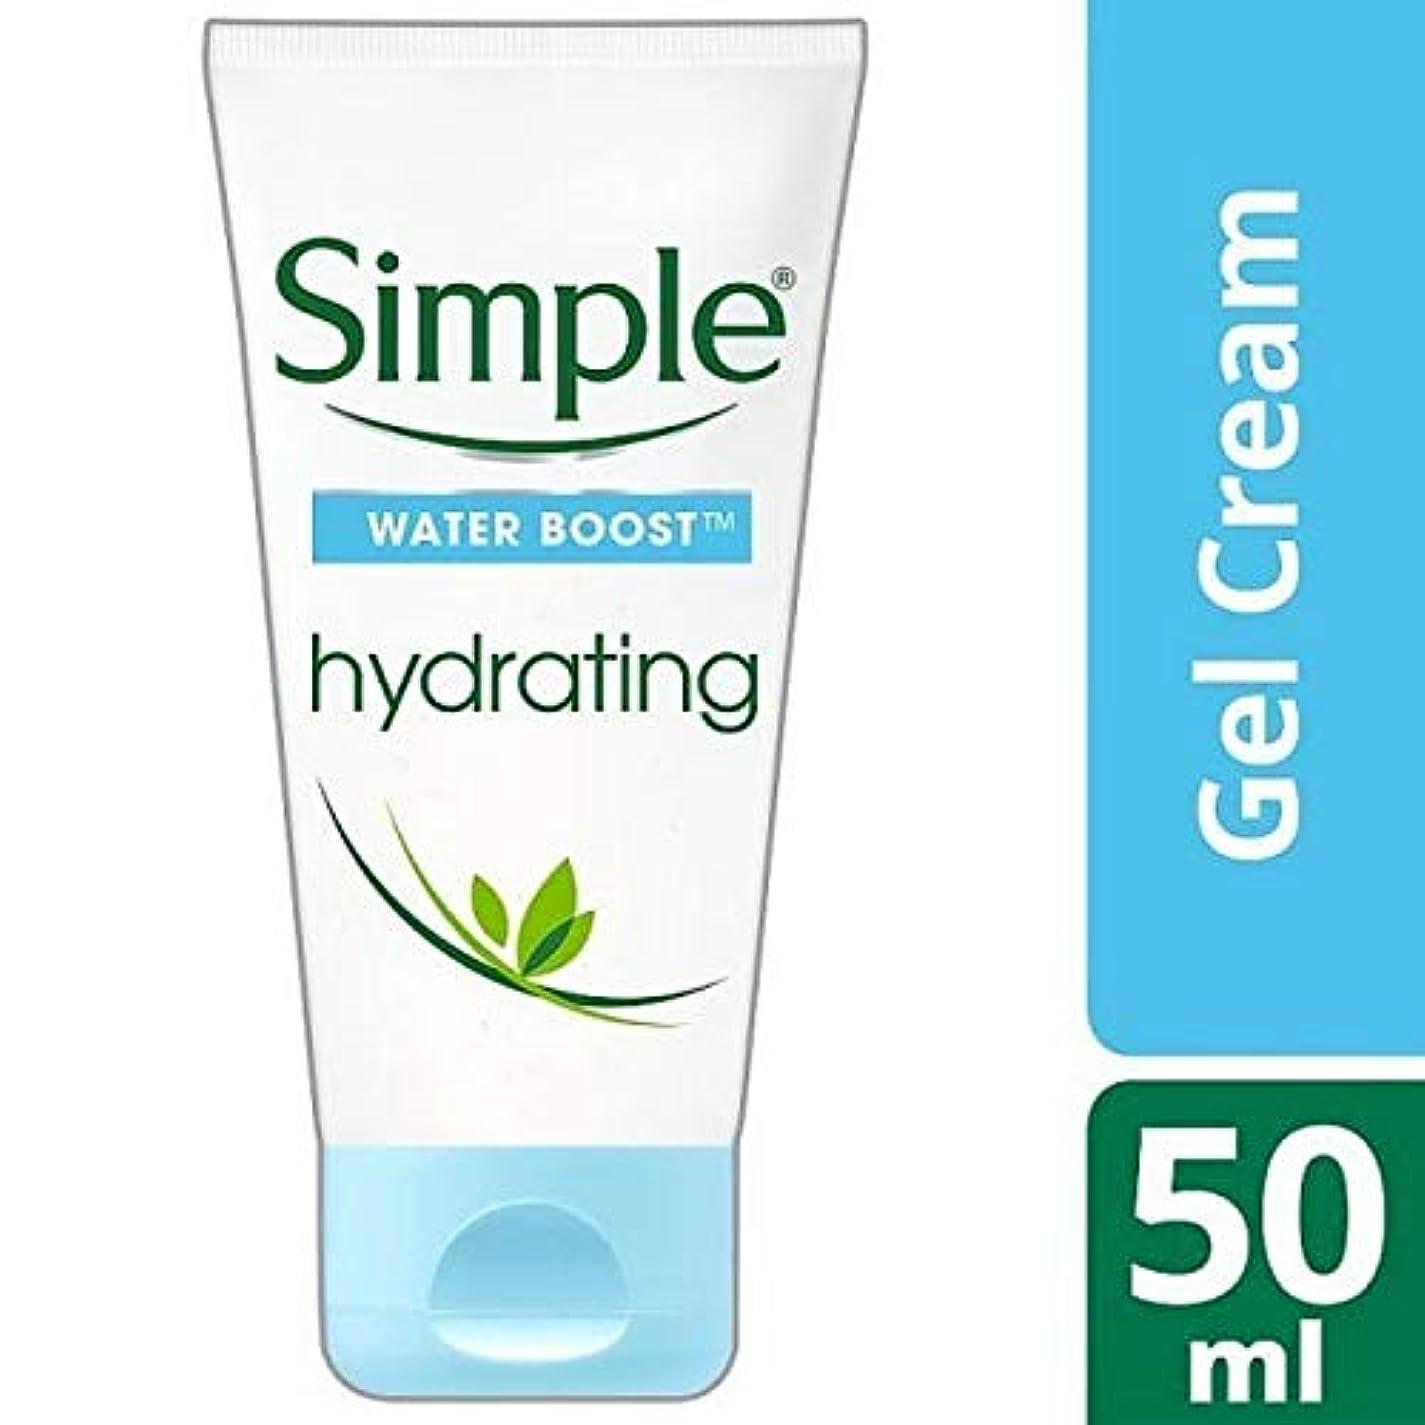 妊娠した野菜同時[Simple ] シンプルな水ブースト水和ゲルフェイスクリーム50Ml - Simple Water Boost Hydrating Gel Face Cream 50ml [並行輸入品]